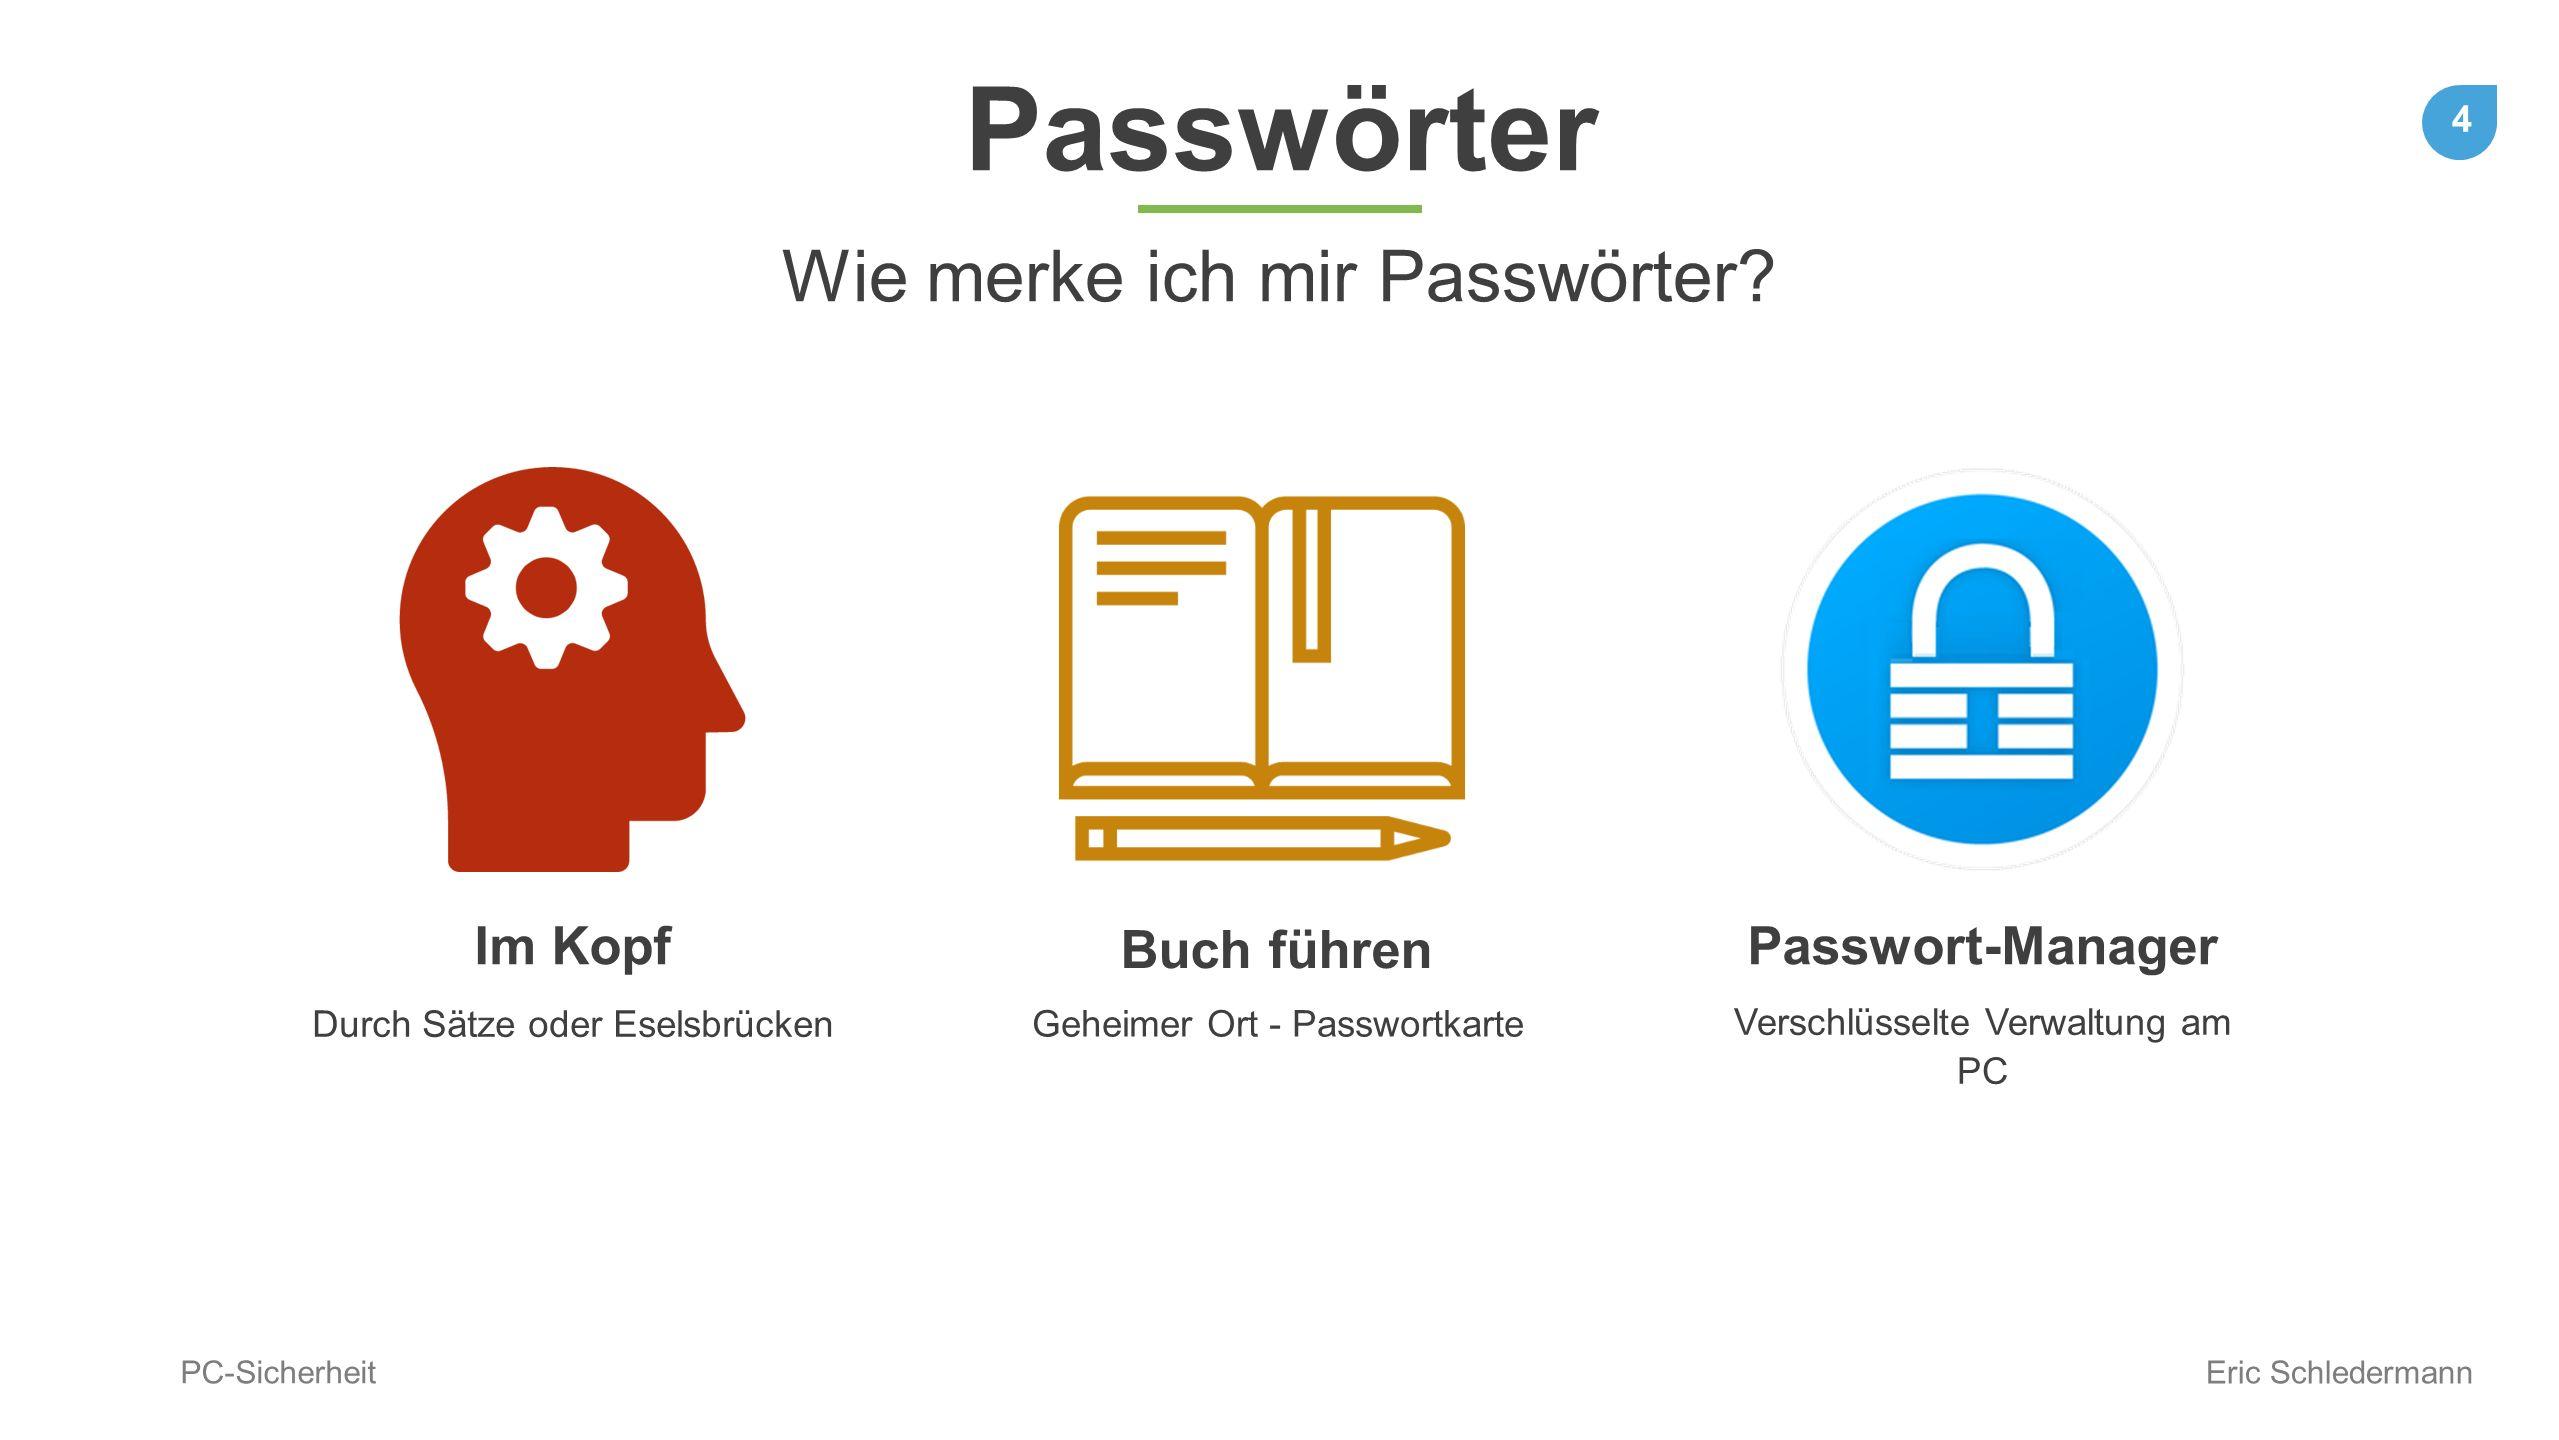 4 PC-Sicherheit Eric Schledermann Passwörter Wie merke ich mir Passwörter? Im Kopf Buch führen Passwort-Manager Verschlüsselte Verwaltung am PC Durch